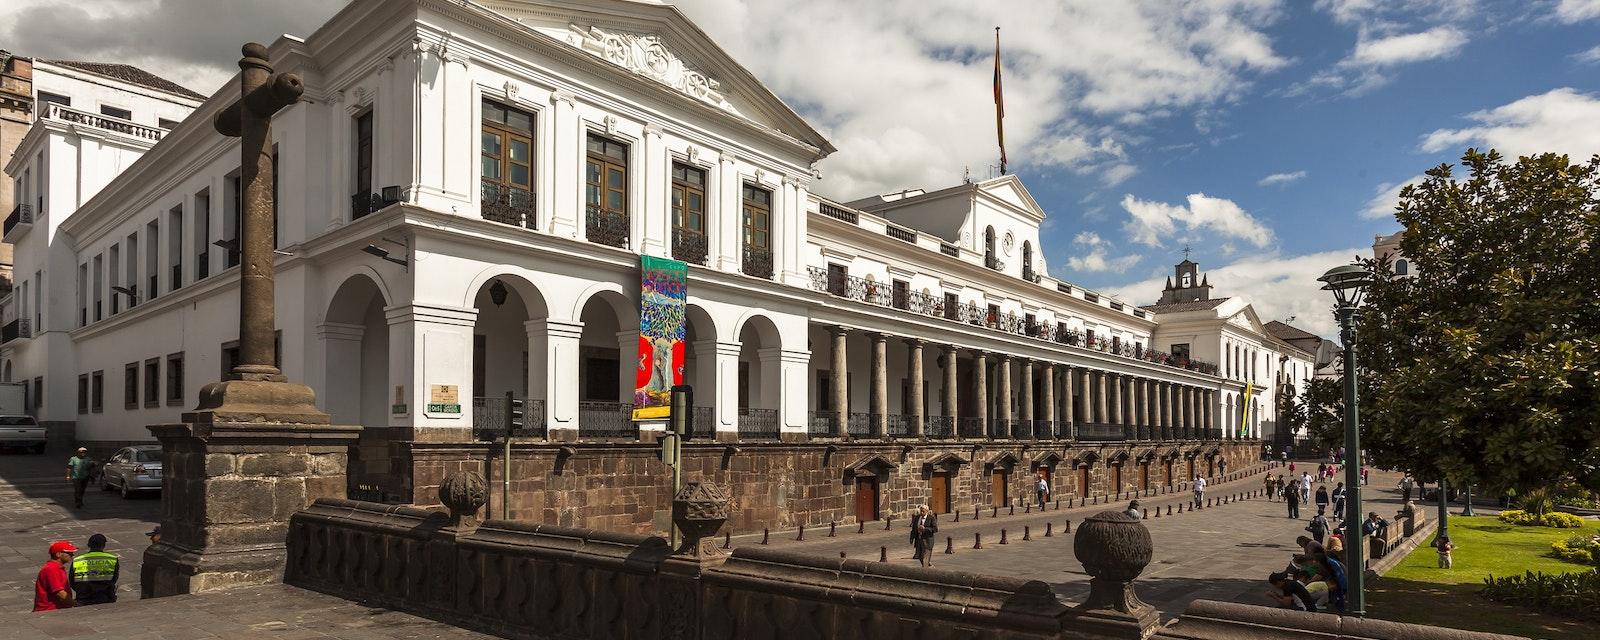 Quito,,Ecuador,-,February,9,,2014:,Palace,Of,Carondelet,,Building